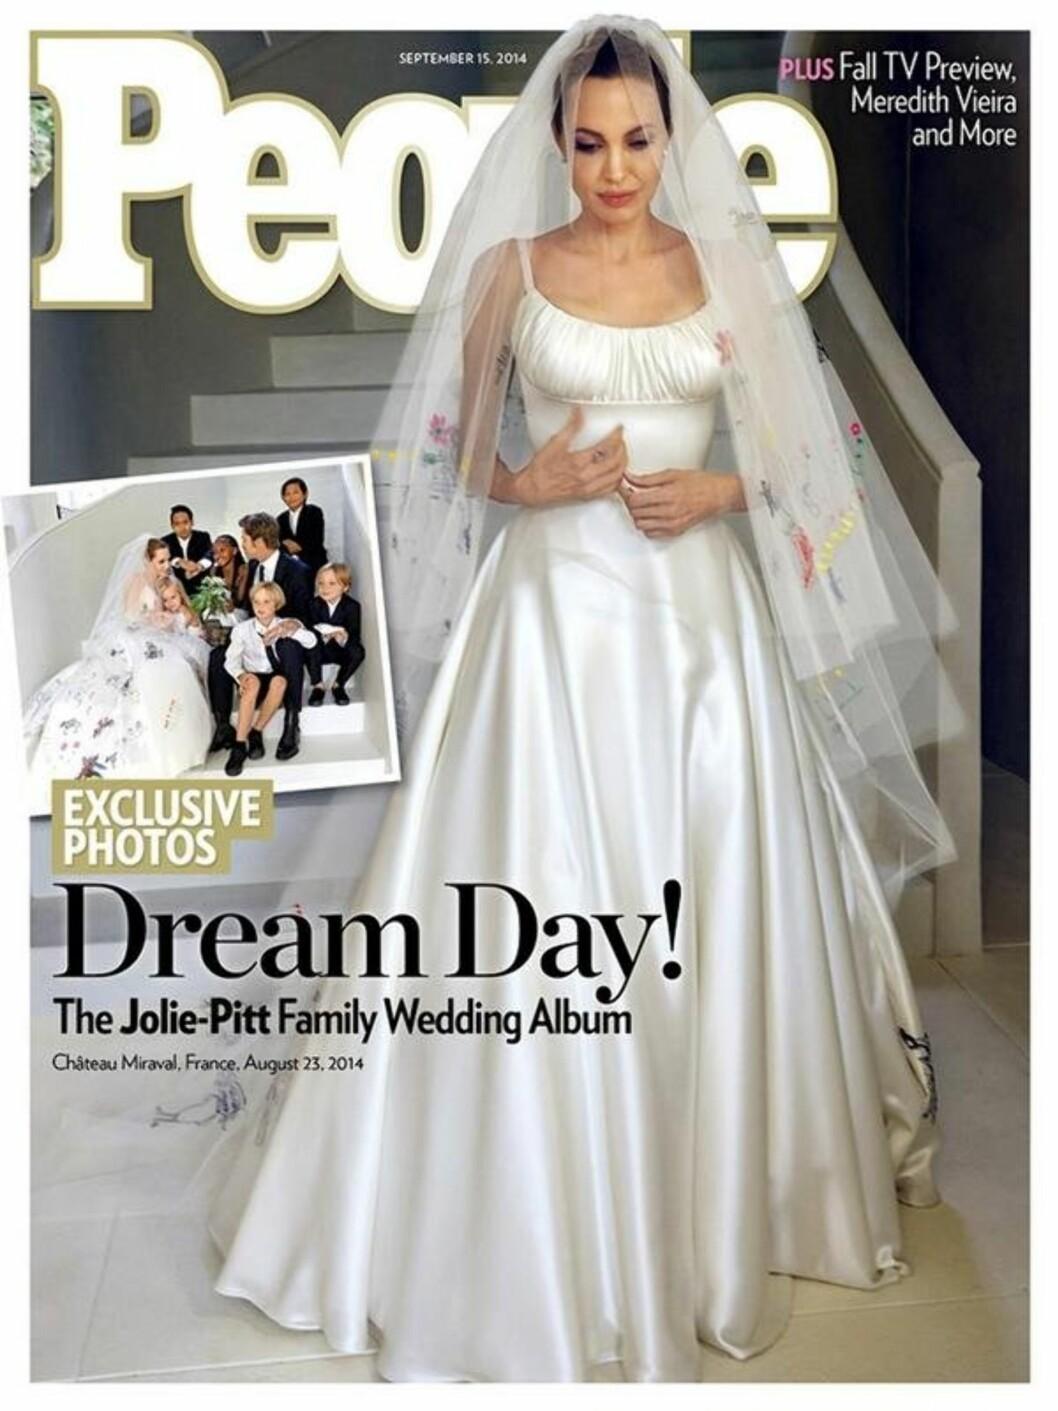 FORFRA: Både People magazine og Hello Magazine hadde eksklusive bilder fra kjendisparets bryllup. Her er kjolen forfra på coveret av People.